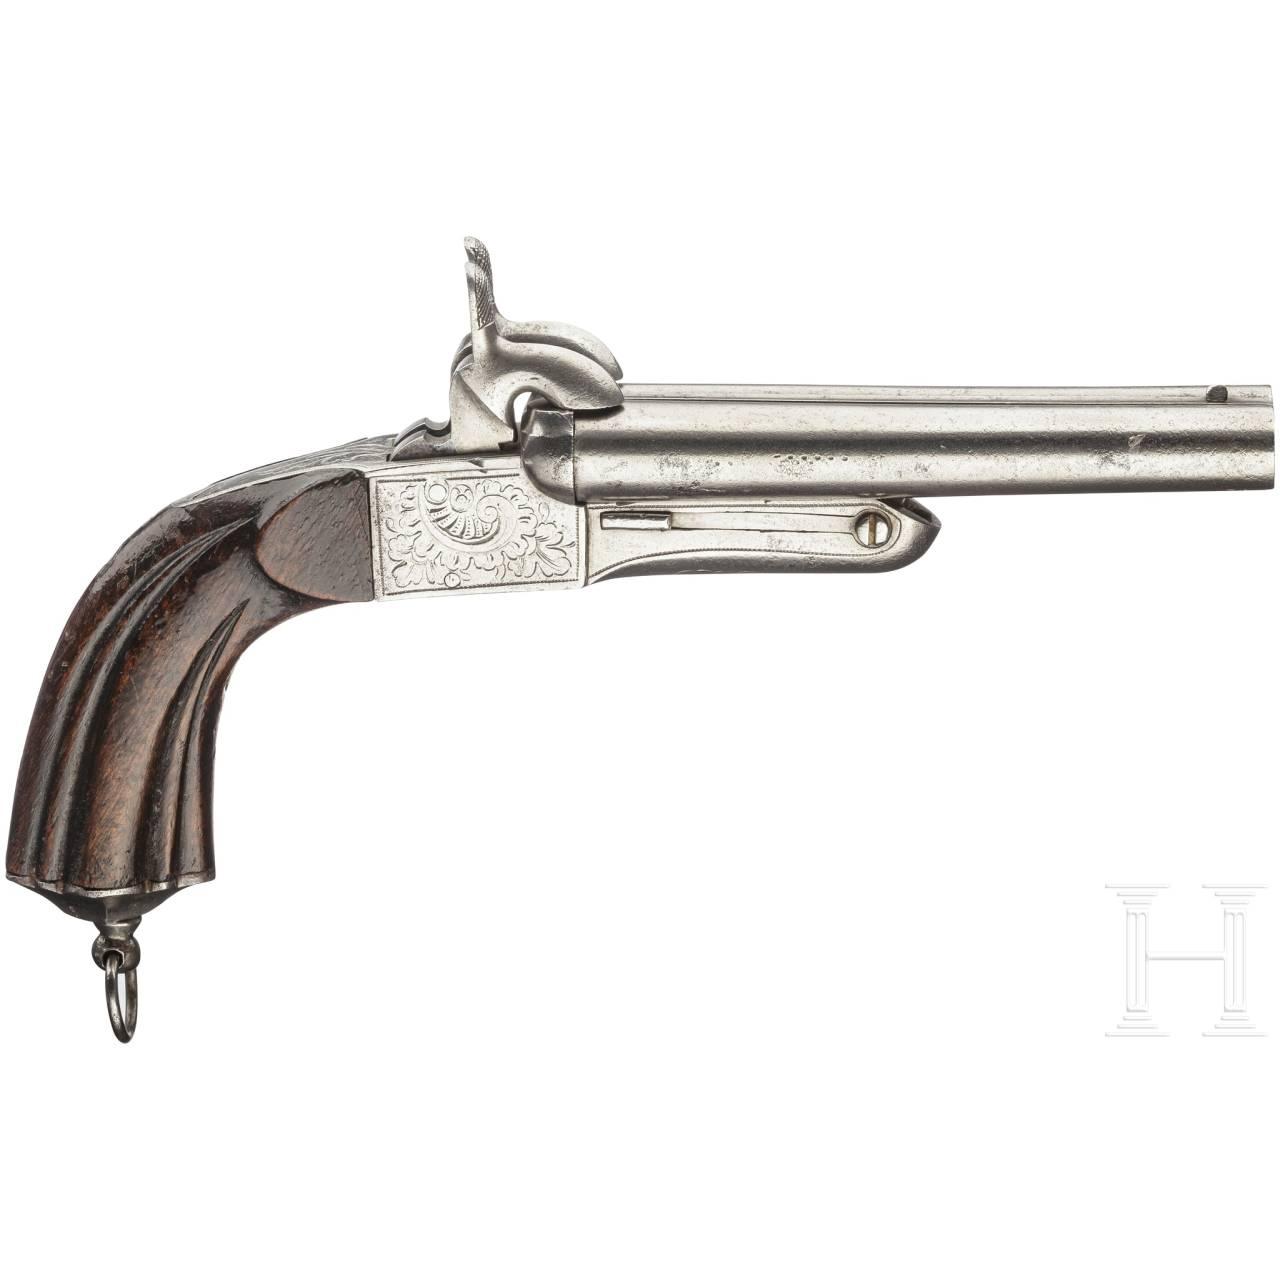 Belgien - doppelläufige Stiftfeuerpistole